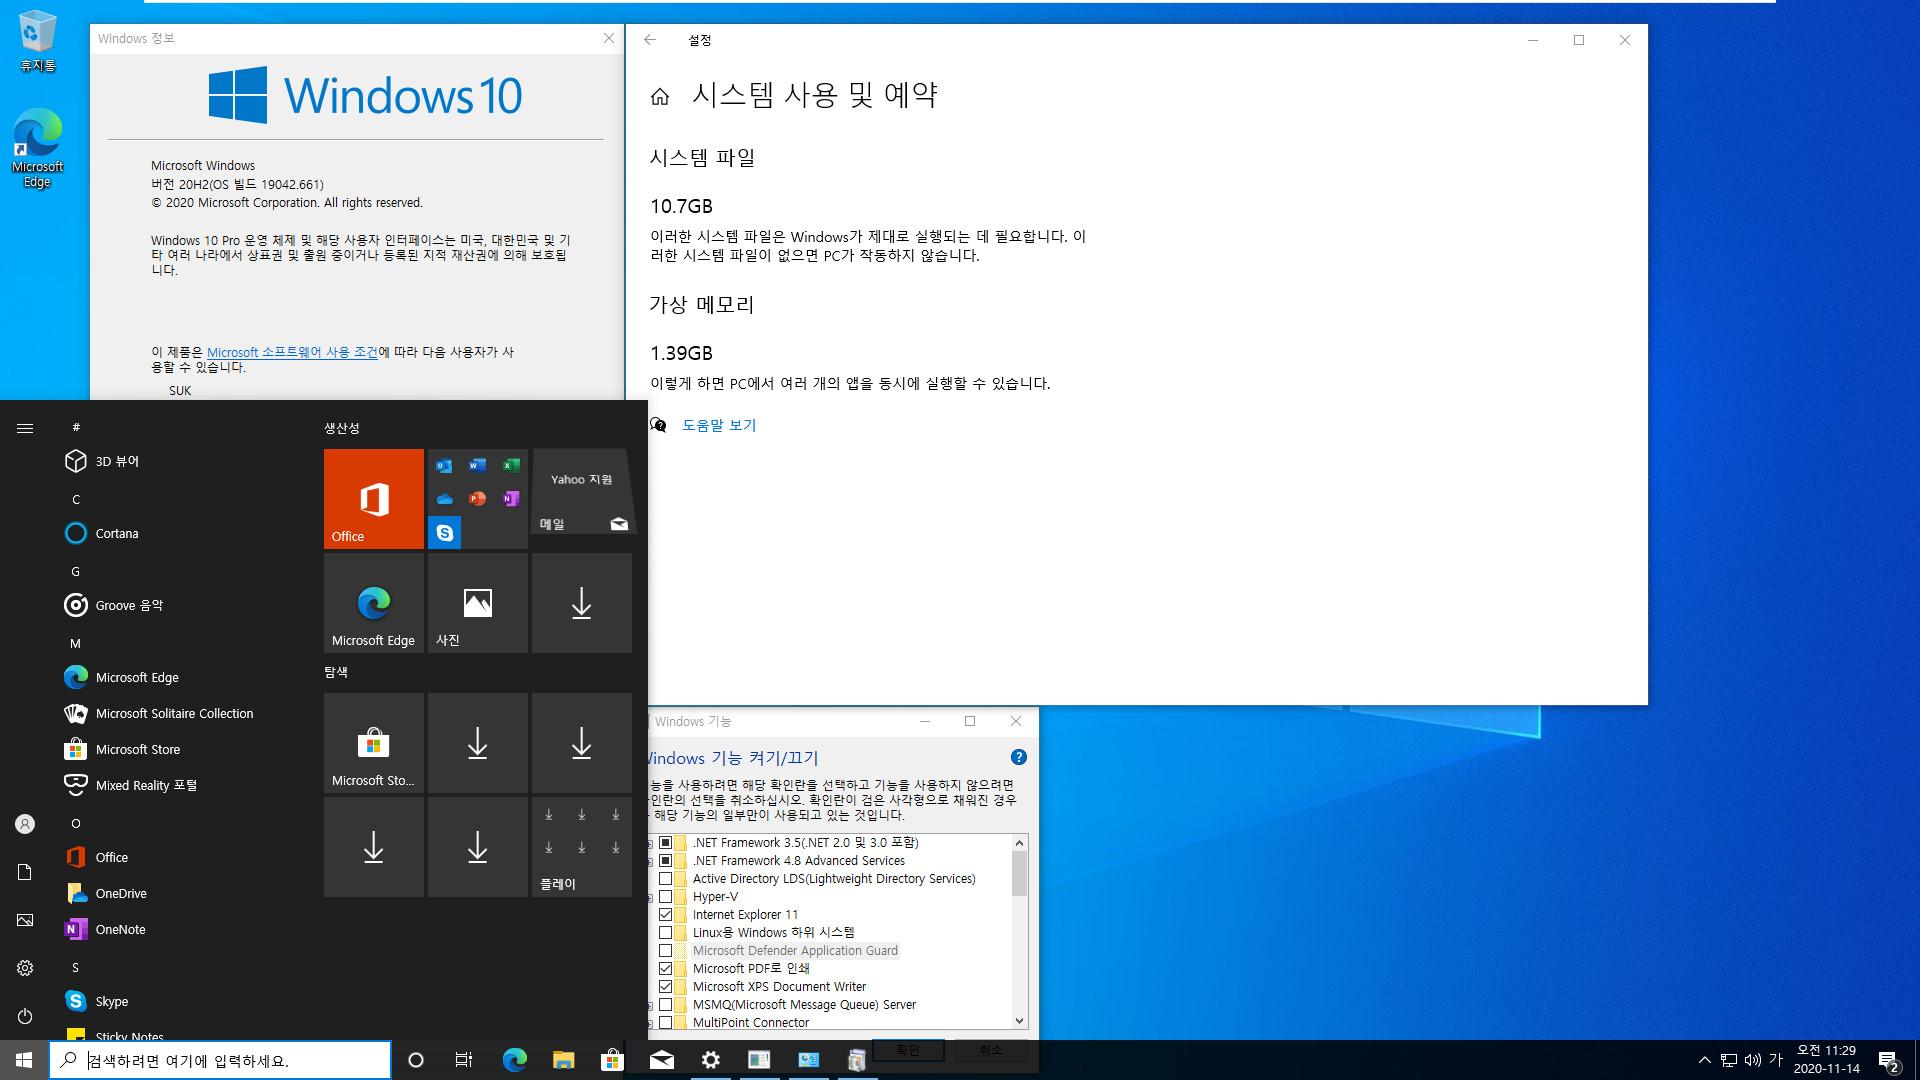 2020-11-14 토요일 [프리뷰] 통합 PRO x64 2개 - Windows 10 버전 2004 + 버전 20H2 누적 업데이트 KB4586853 (OS 빌드 19041.661 + 19042.661) v2 - 윈도우 설치 테스트 2020-11-14_112920.jpg